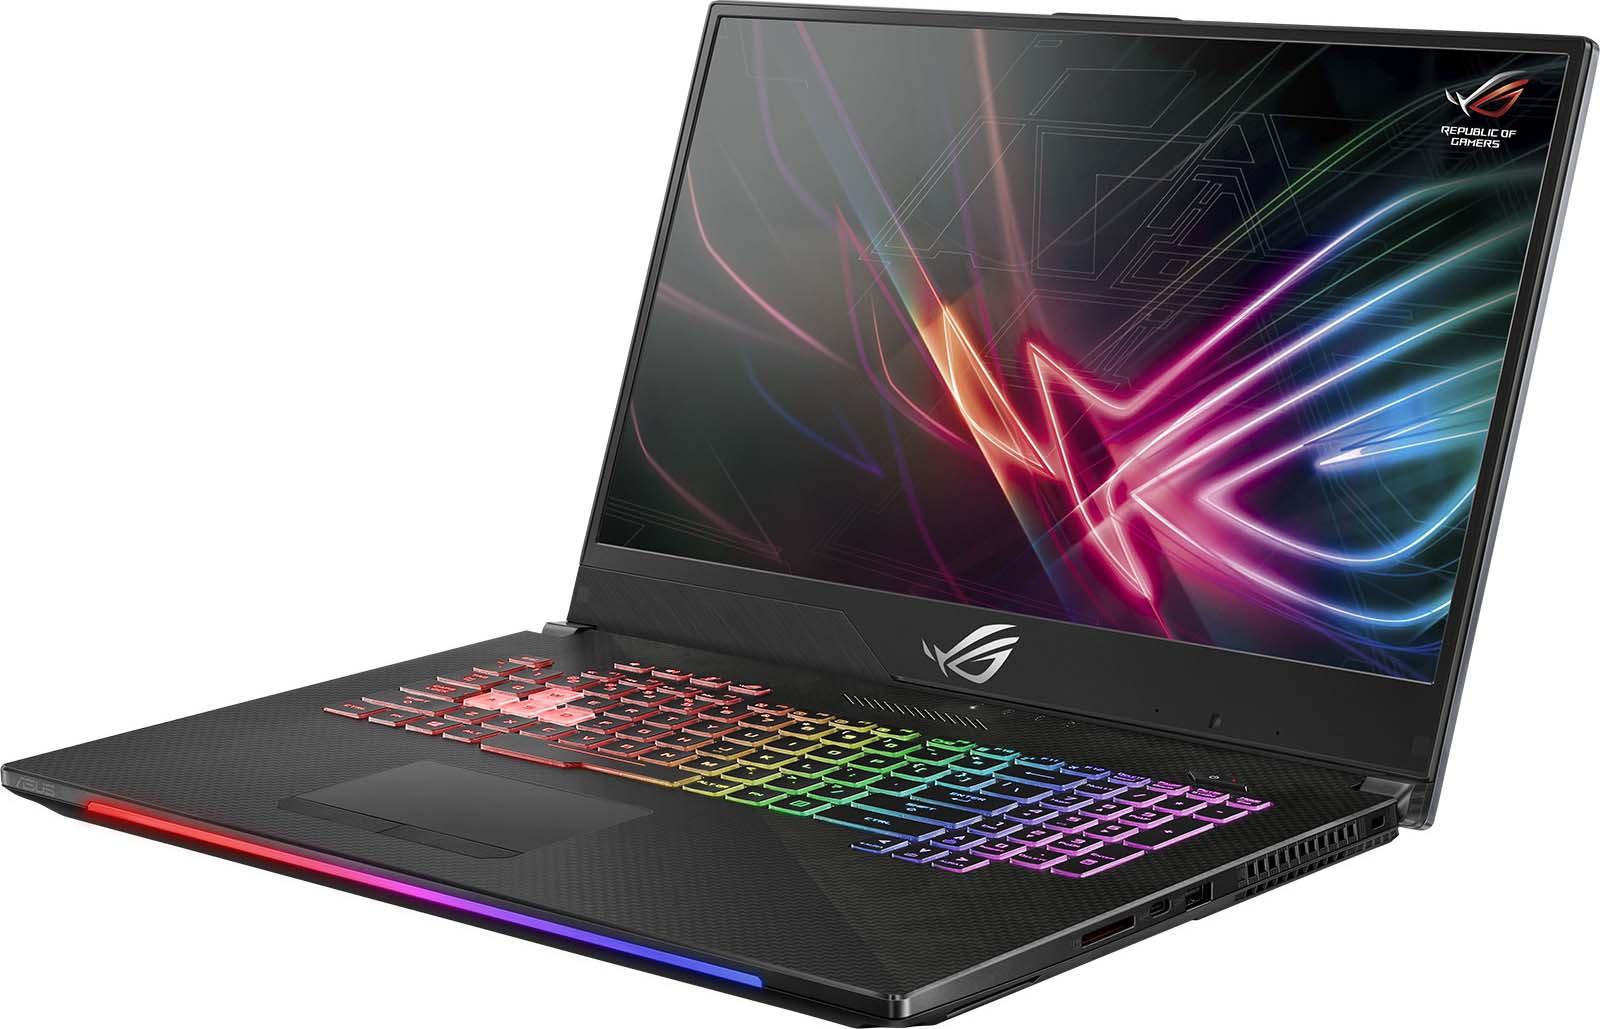 Игровой ноутбук ASUS ROG GL504GV 90NR01X1-M02750, черный ноутбук asus fx705gd ew117t core i5 8300h 6gb 1tb 128gb ssd nv gtx1050 2gb 17 3 fullhd win10 black